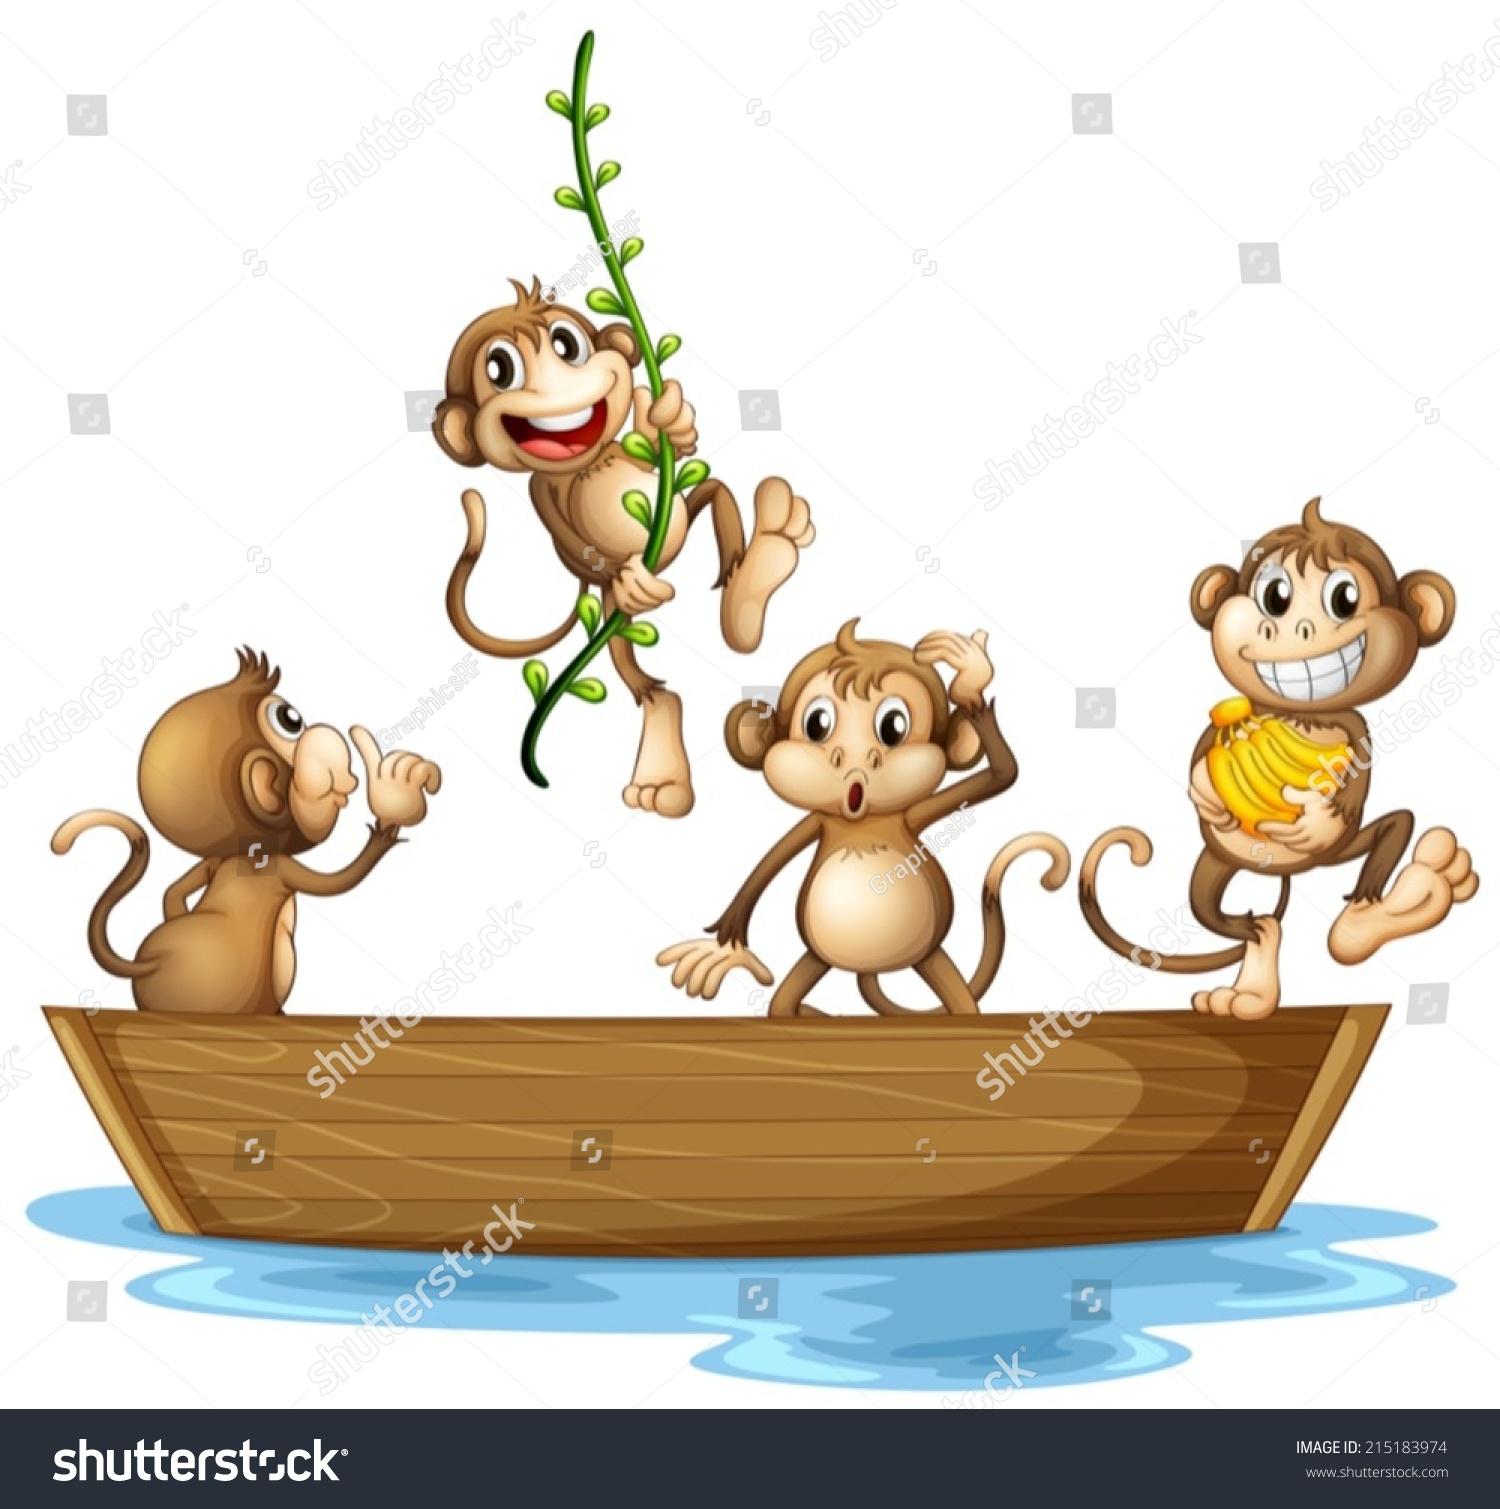 许多猴子在船上的插图-动物/野生生物-海洛创意()-合